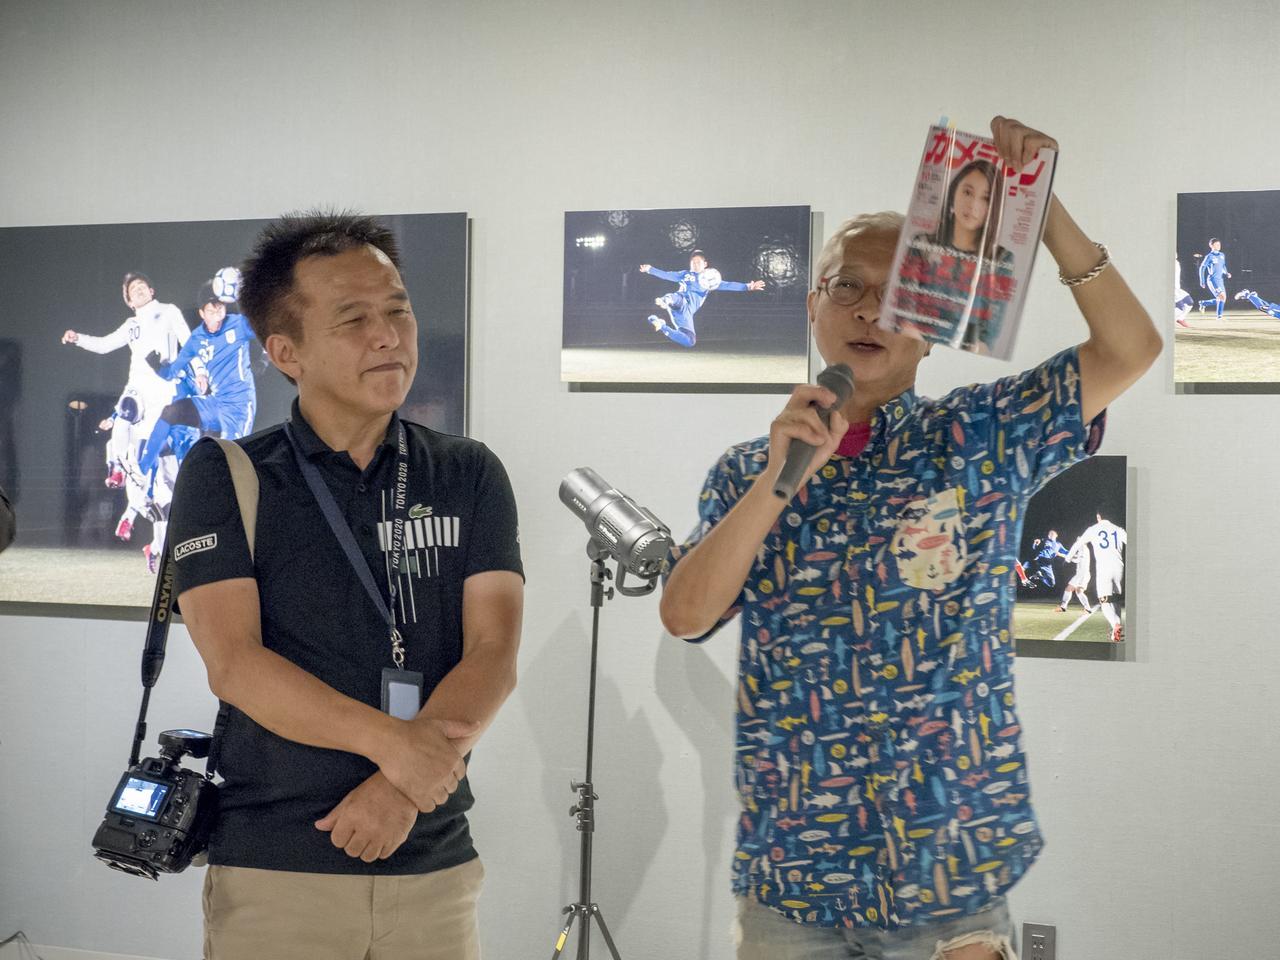 画像: 写真展初日の会場で挨拶をするカメラマン編集部・坂本。坂本が手にしているのはカメラマン10月号で、TOP LIGHTでも小城さんの作品が紹介されています。後ろにみえるのが今回使用したフラッシュ。